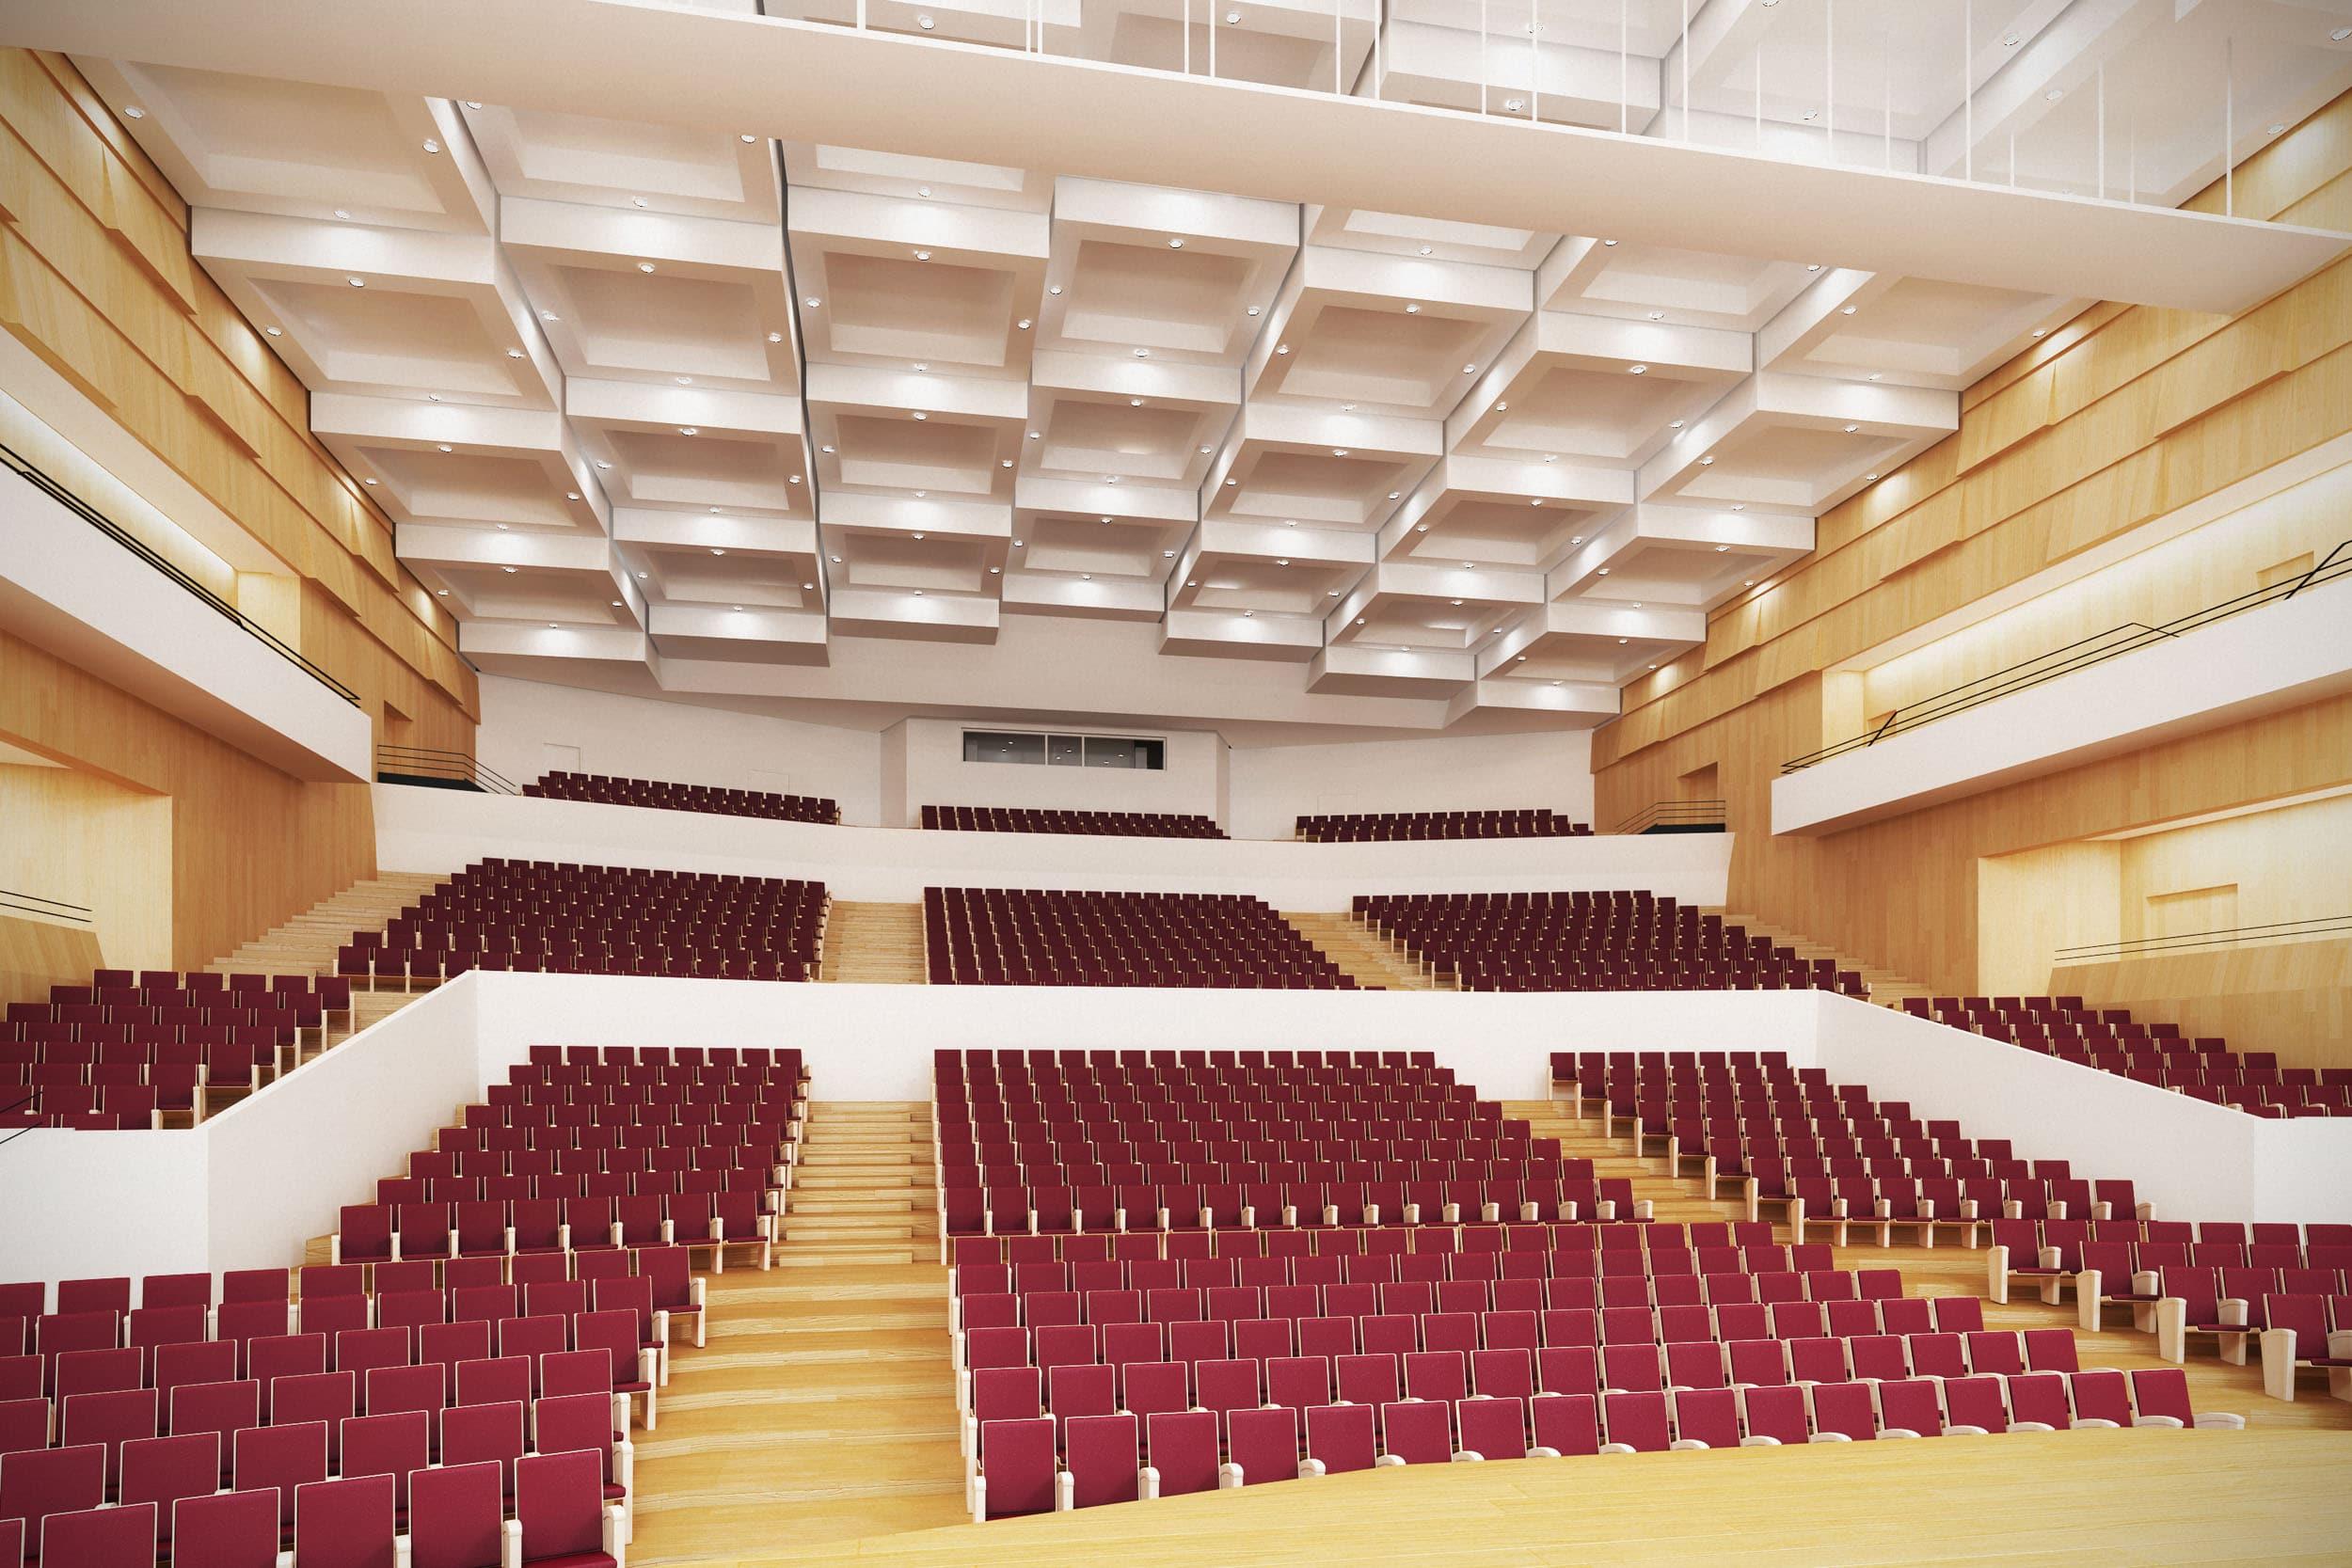 NOUVEAU-SIECLE-auditorium-lille